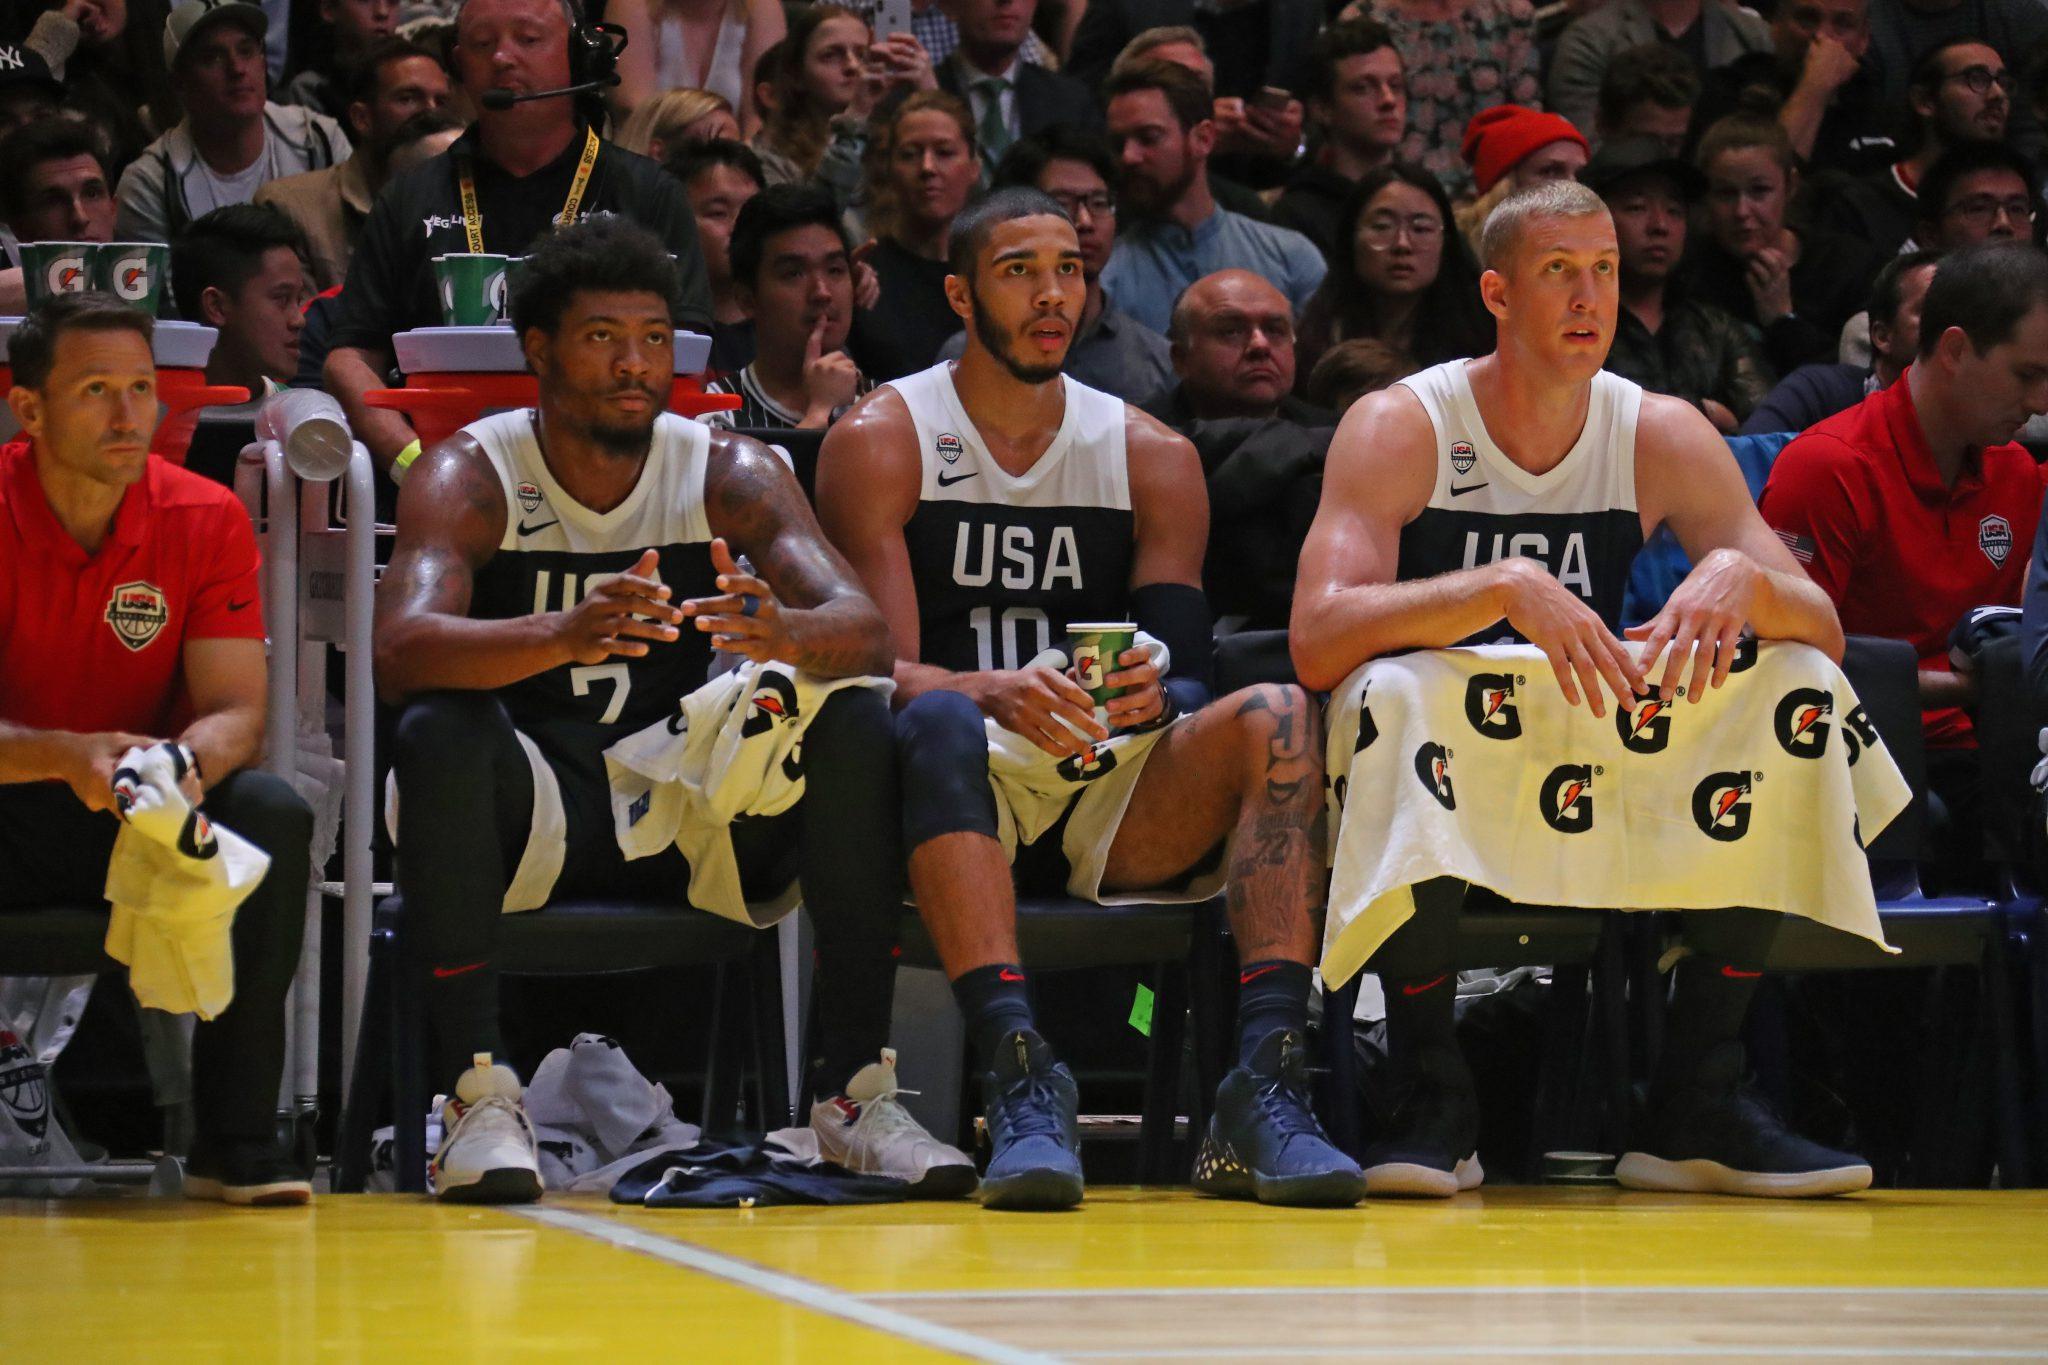 El récord que le falta a USA: ser el conjunto más anotador en un Mundial